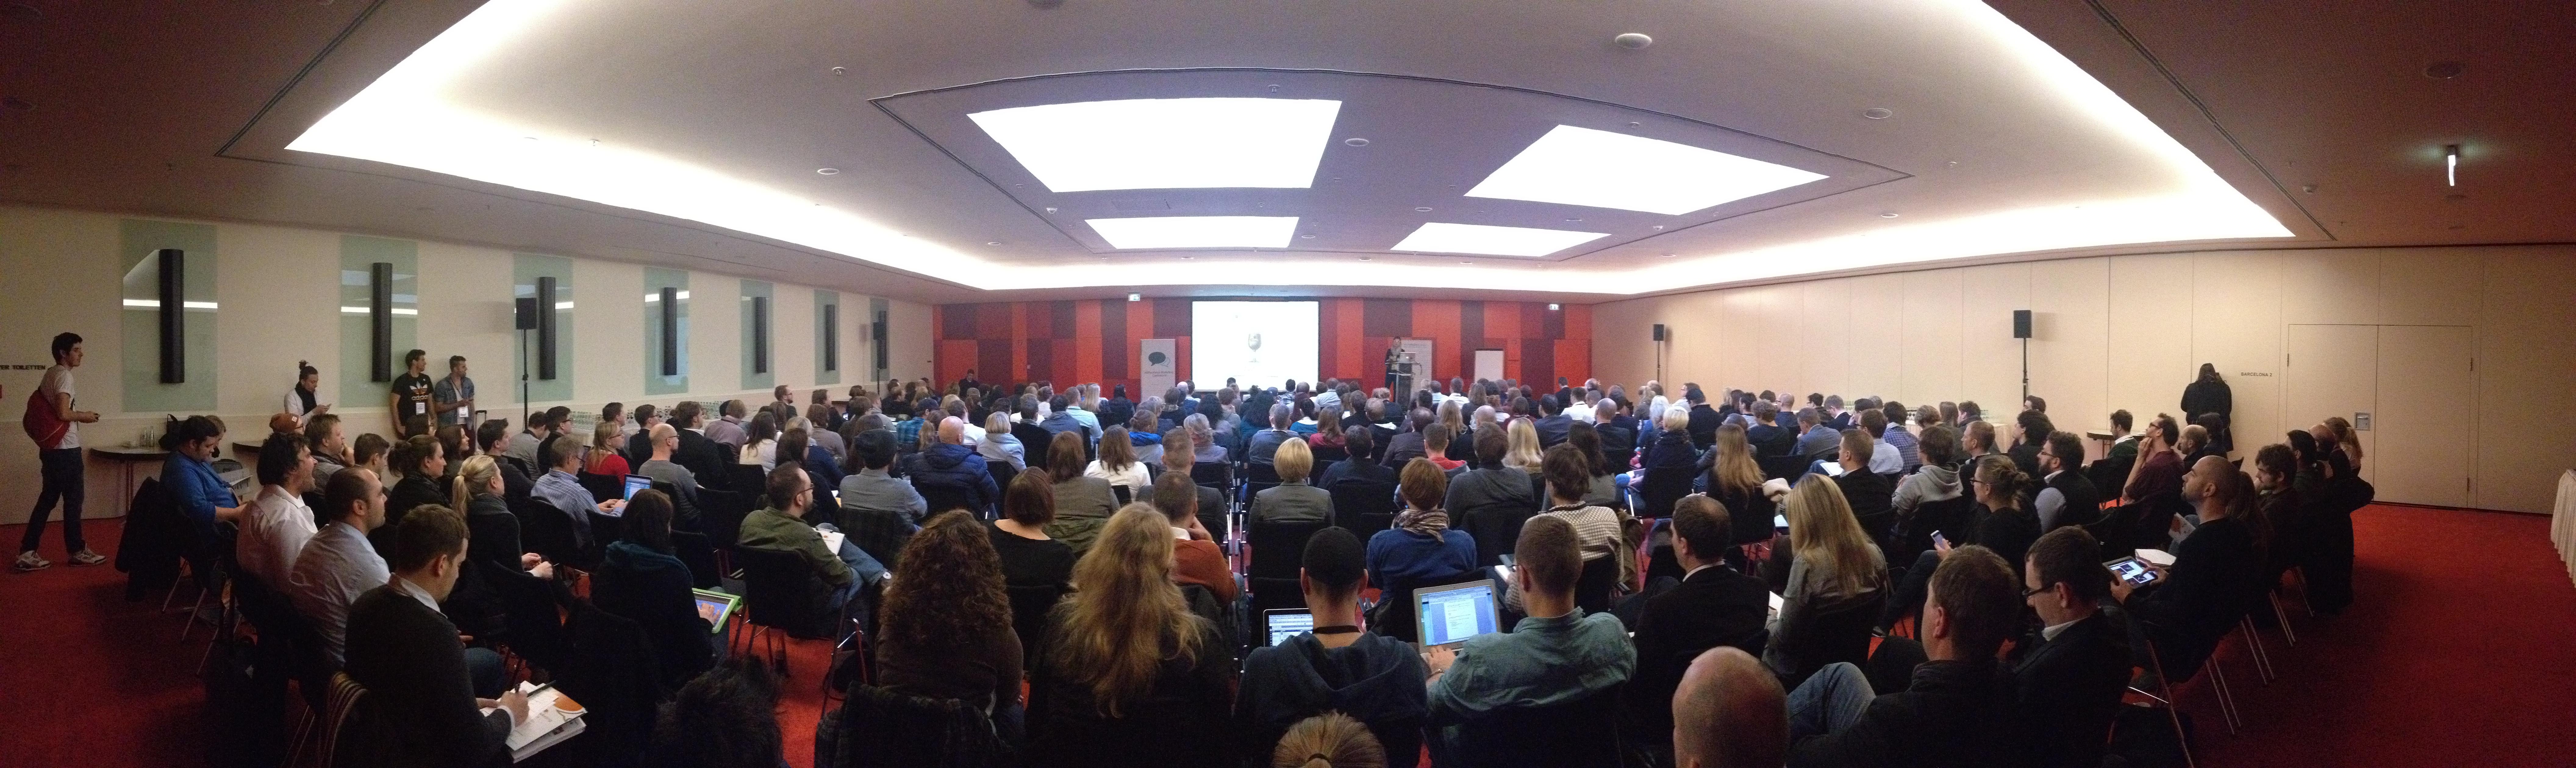 EdgeRank, Content und Reichweite: Das war die Allfacebook Marketing Conference Berlin 2012